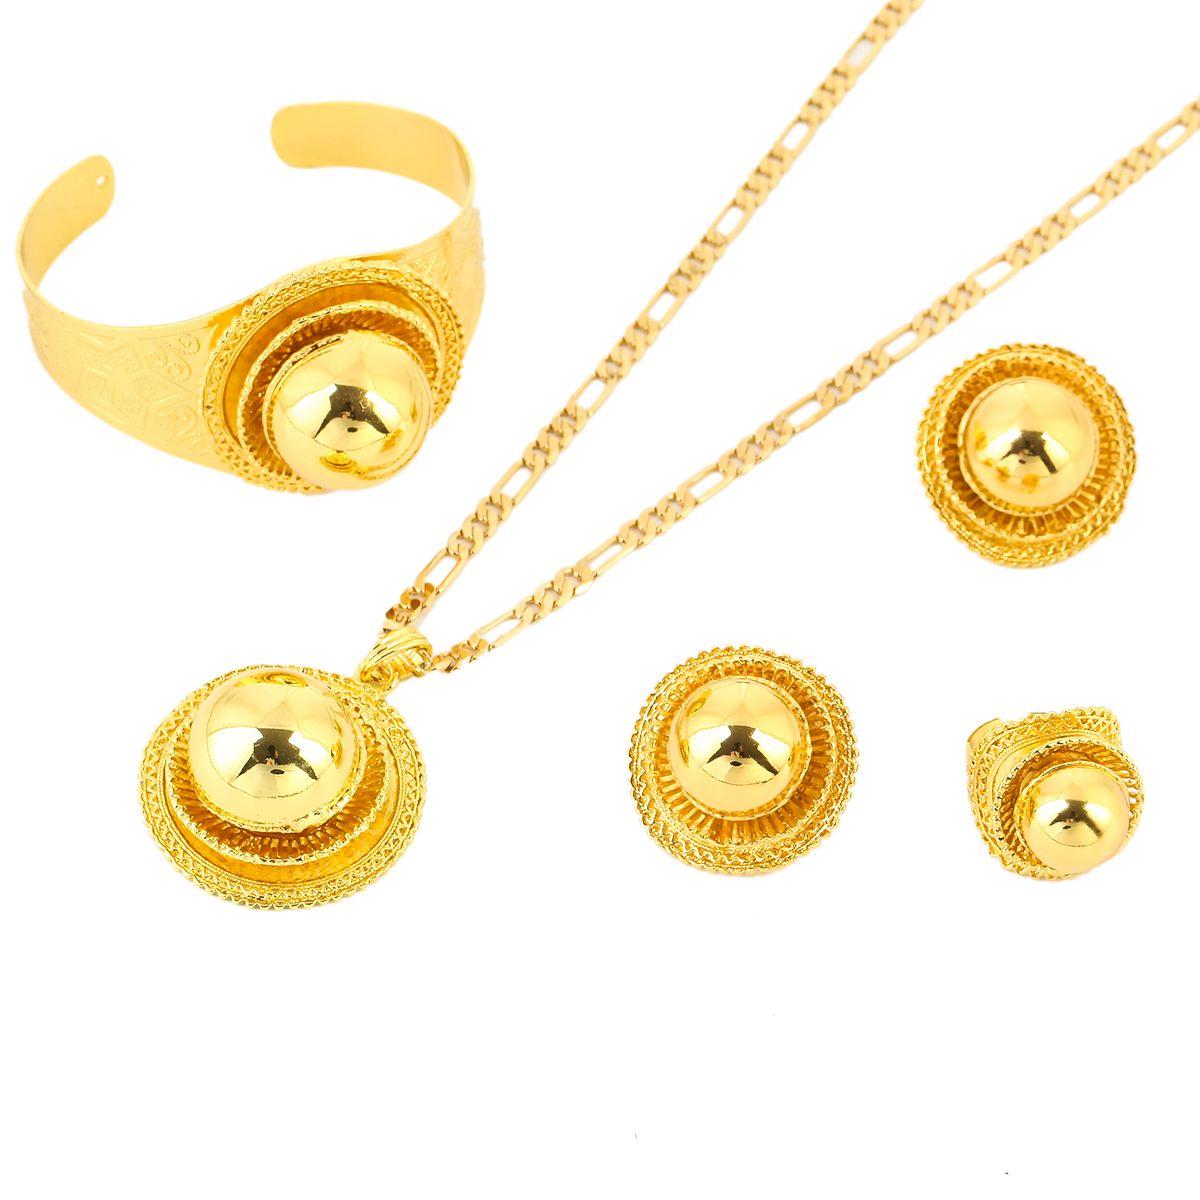 Neue Große äthiopische Hochzeitsschmuck Set Gold Farbe Eritrea Afrika Habesha Schmuck Für Traditionelle Festival Geschenke